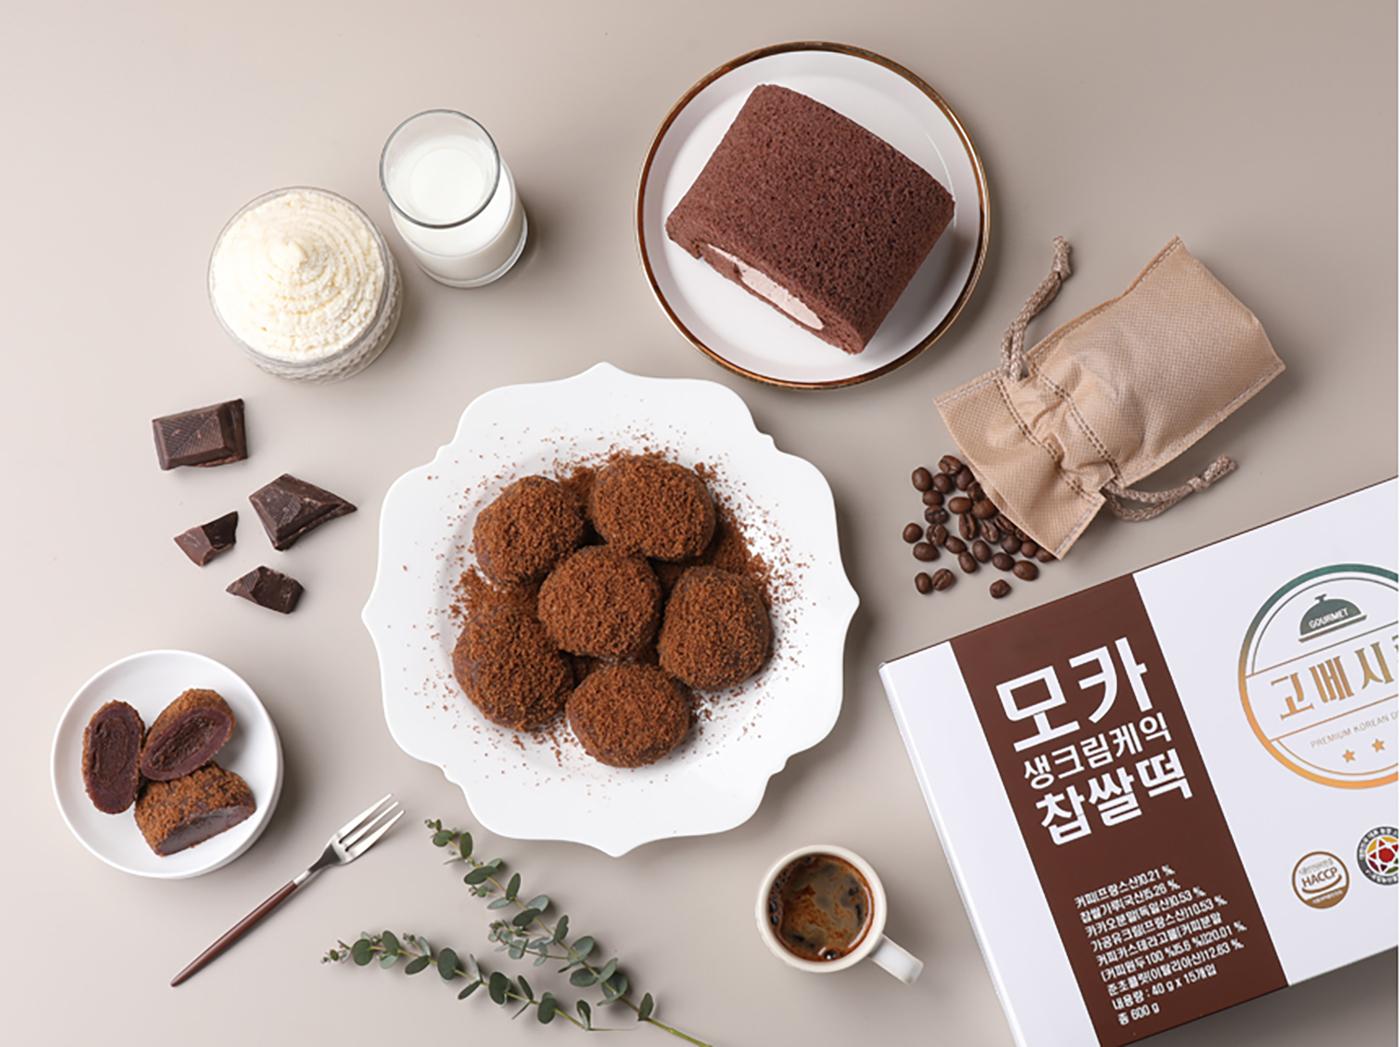 굳지 않는 모카 생크림 케익 모찌 찹쌀떡 (15입) 상세이미지2